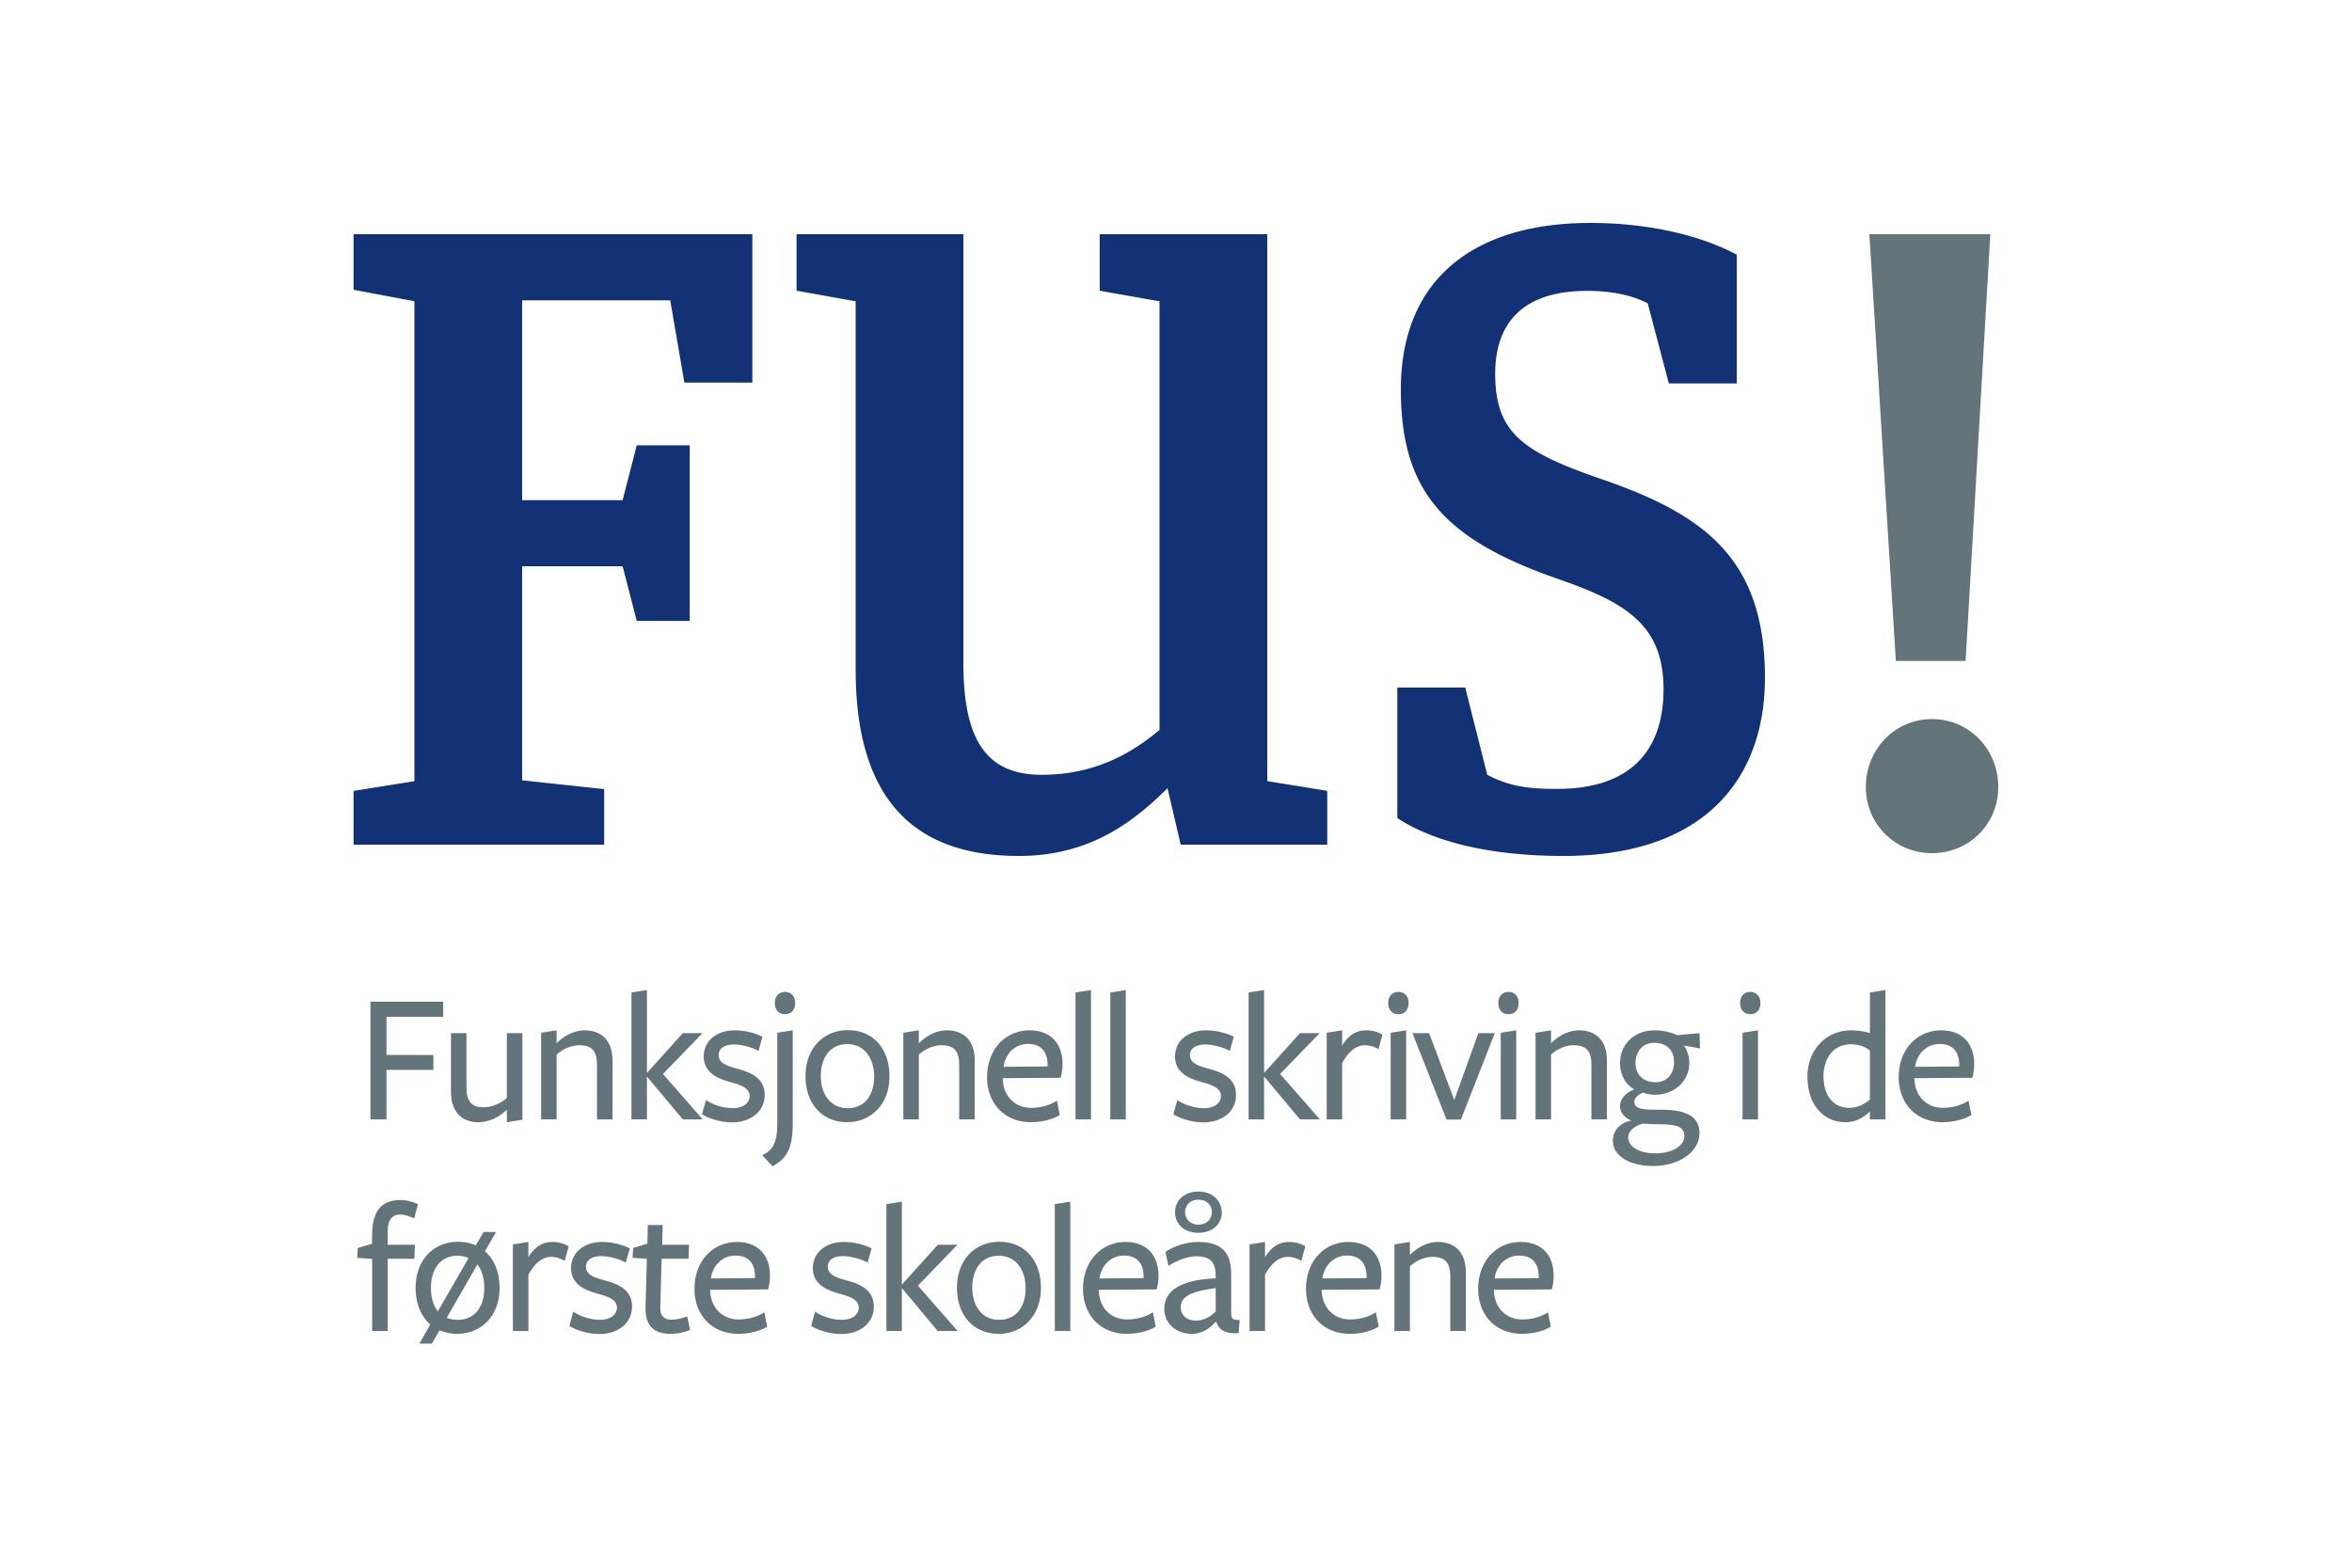 FUS logo